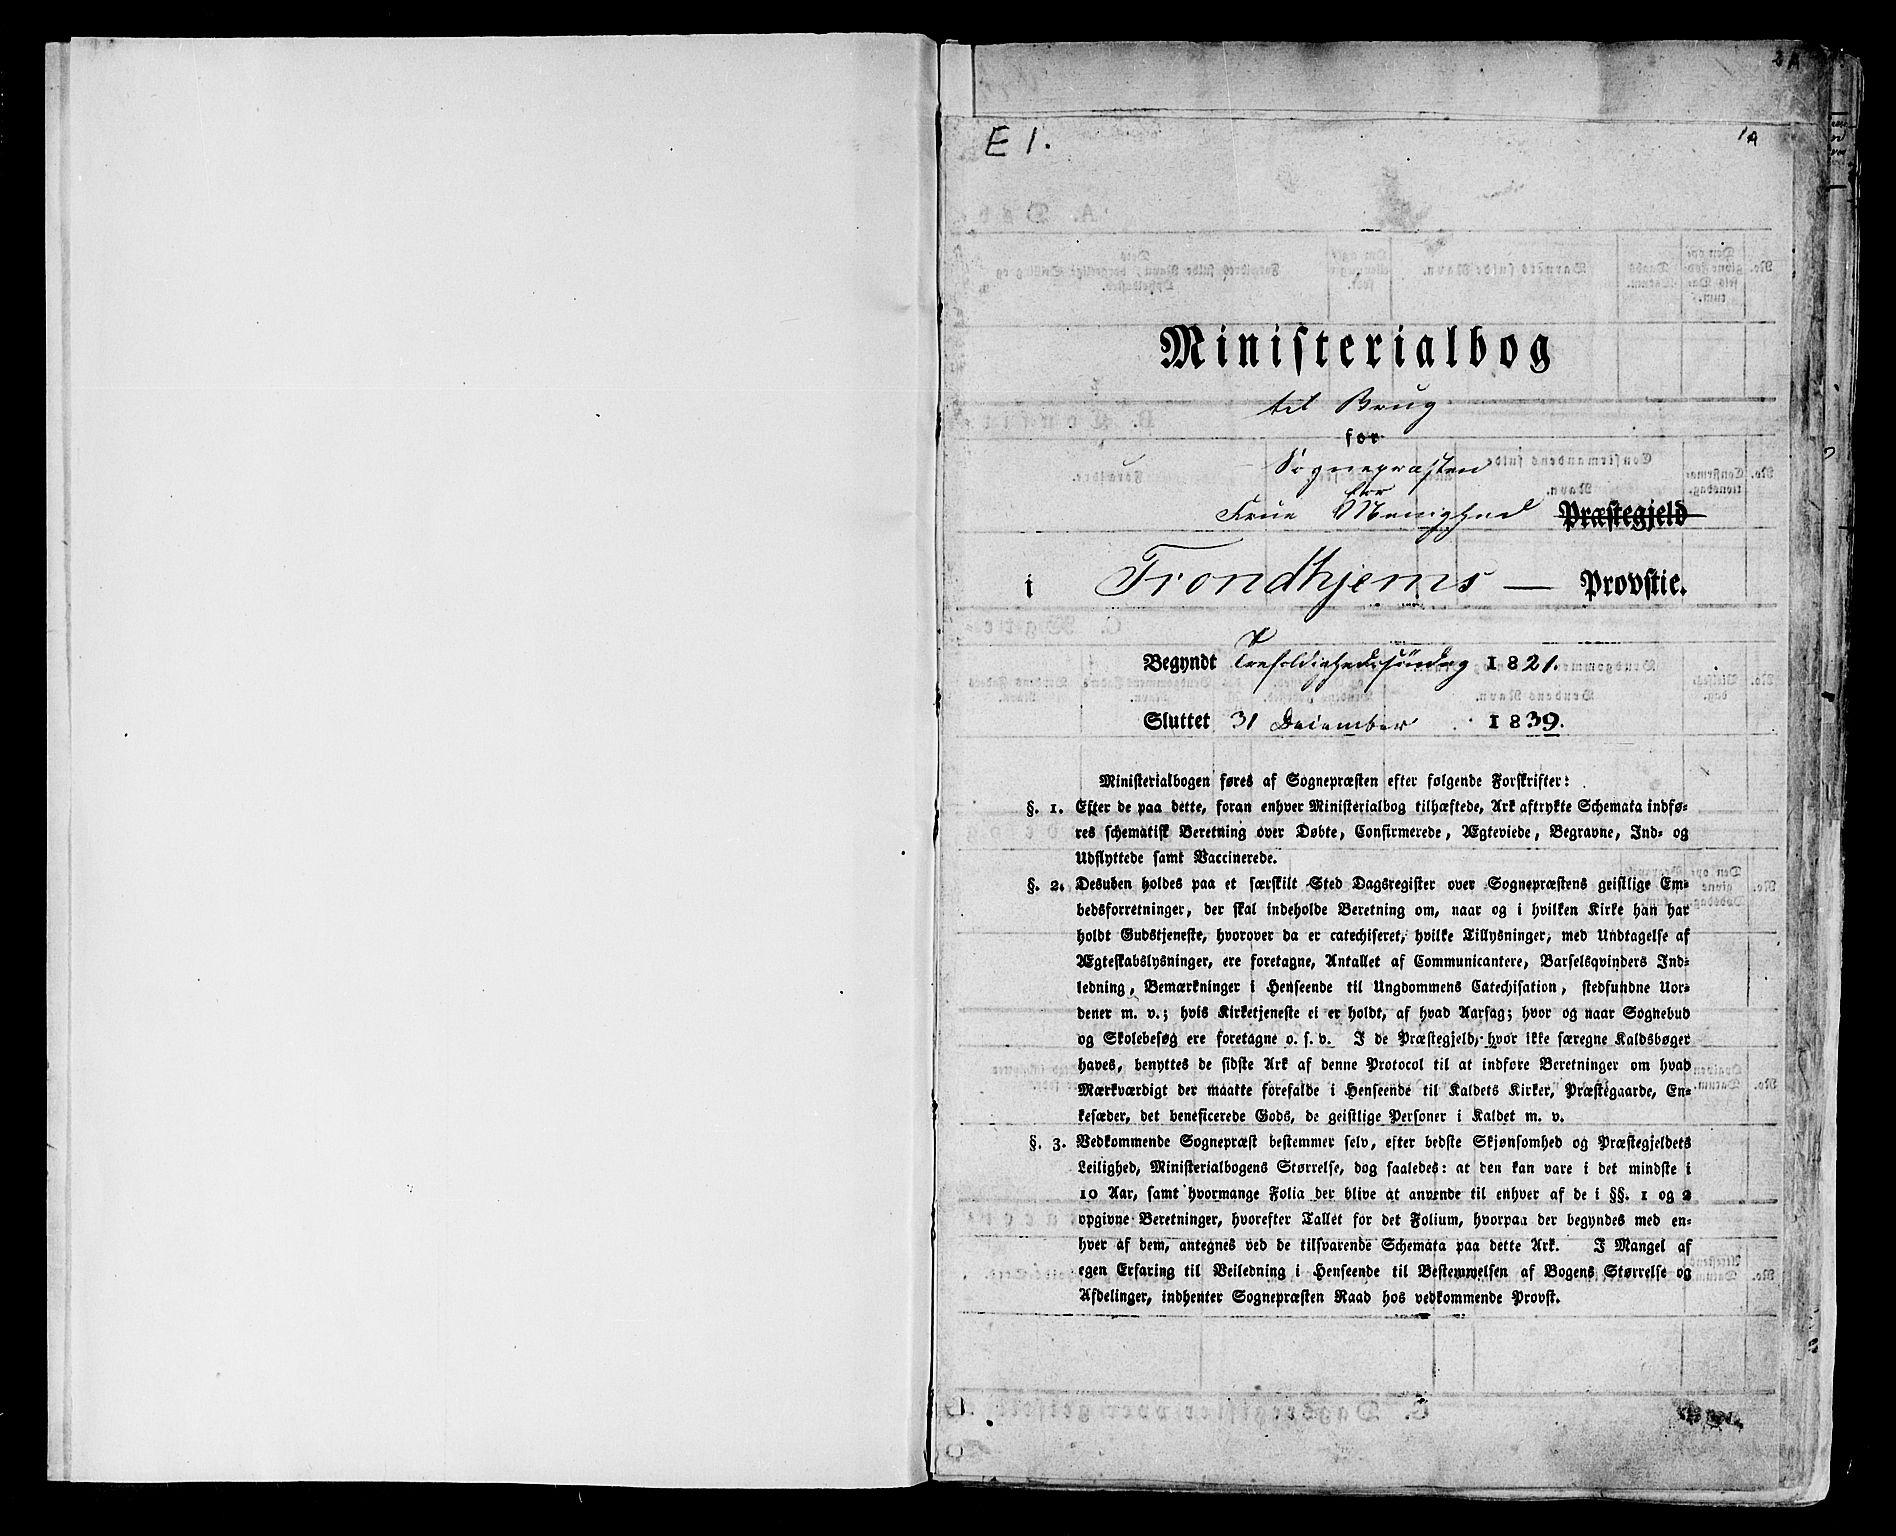 SAT, Ministerialprotokoller, klokkerbøker og fødselsregistre - Sør-Trøndelag, 602/L0108: Ministerialbok nr. 602A06, 1821-1839